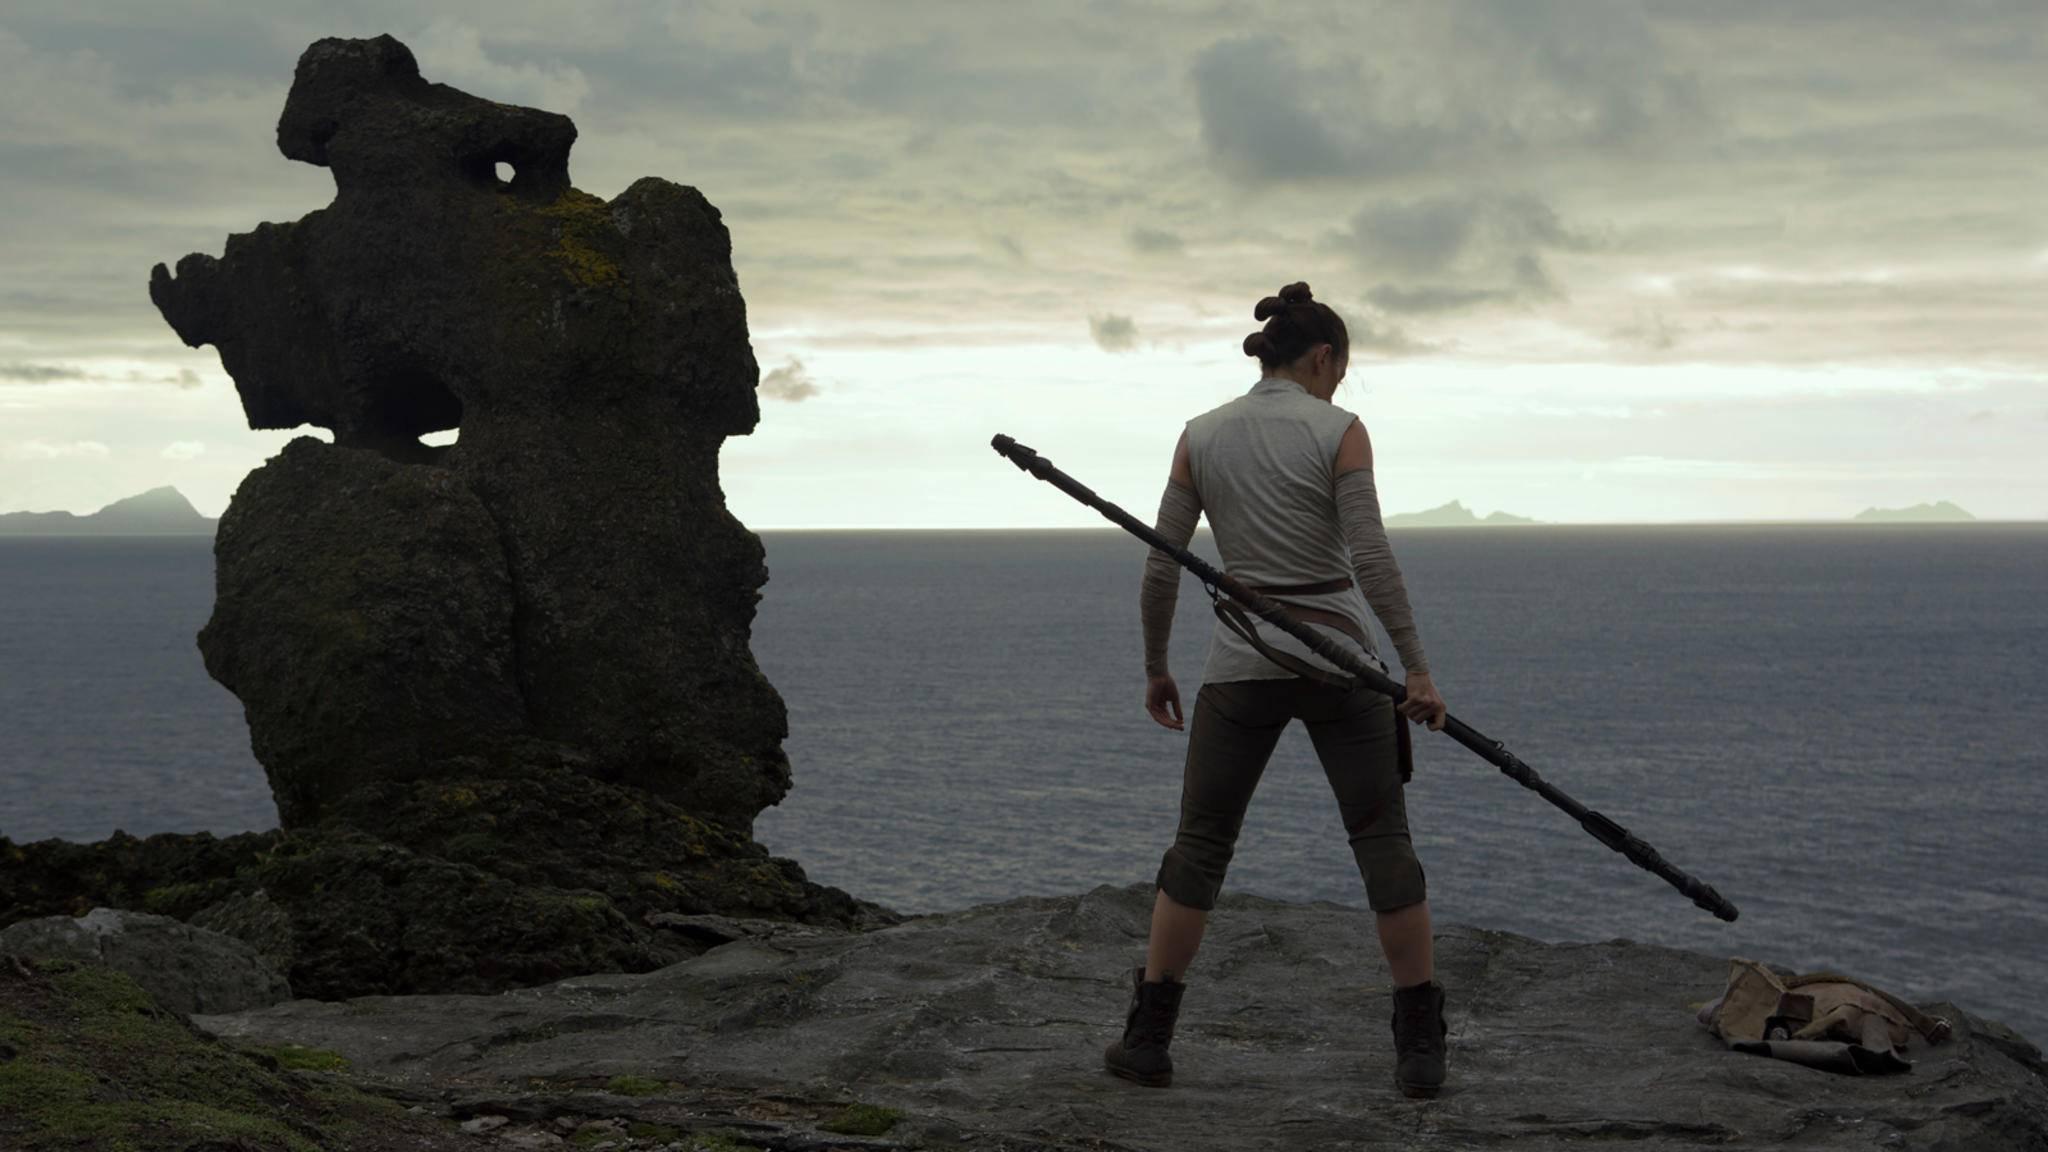 Die Eltern von Rey haben wir in Episode 7 nicht gesehen. Welcher Familie gehört sie bloß an?